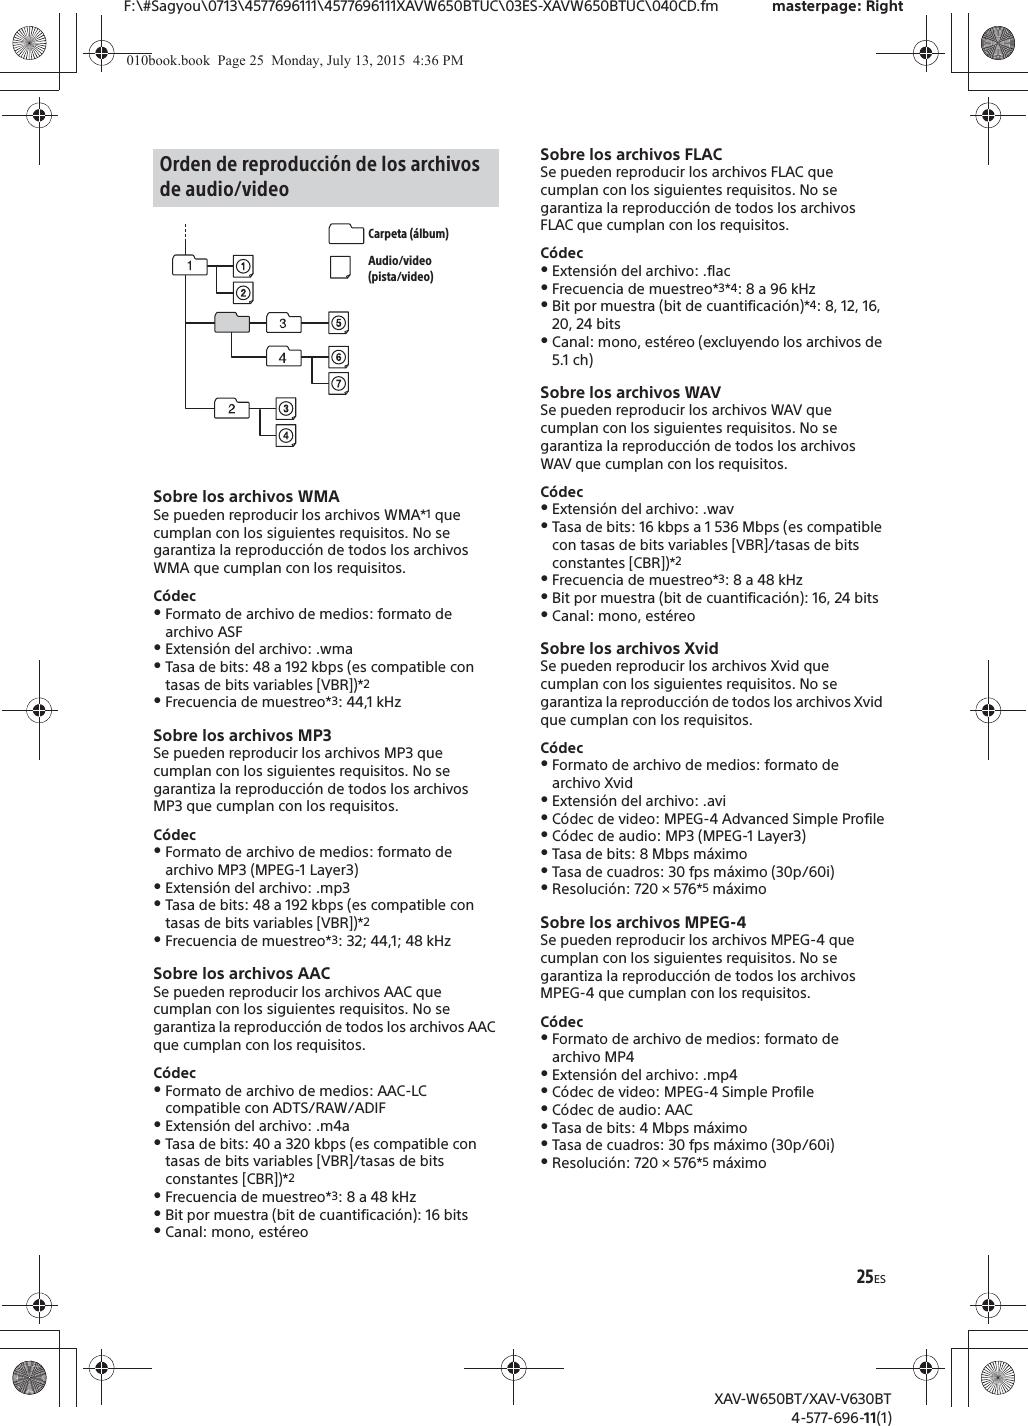 xav v630bt manual